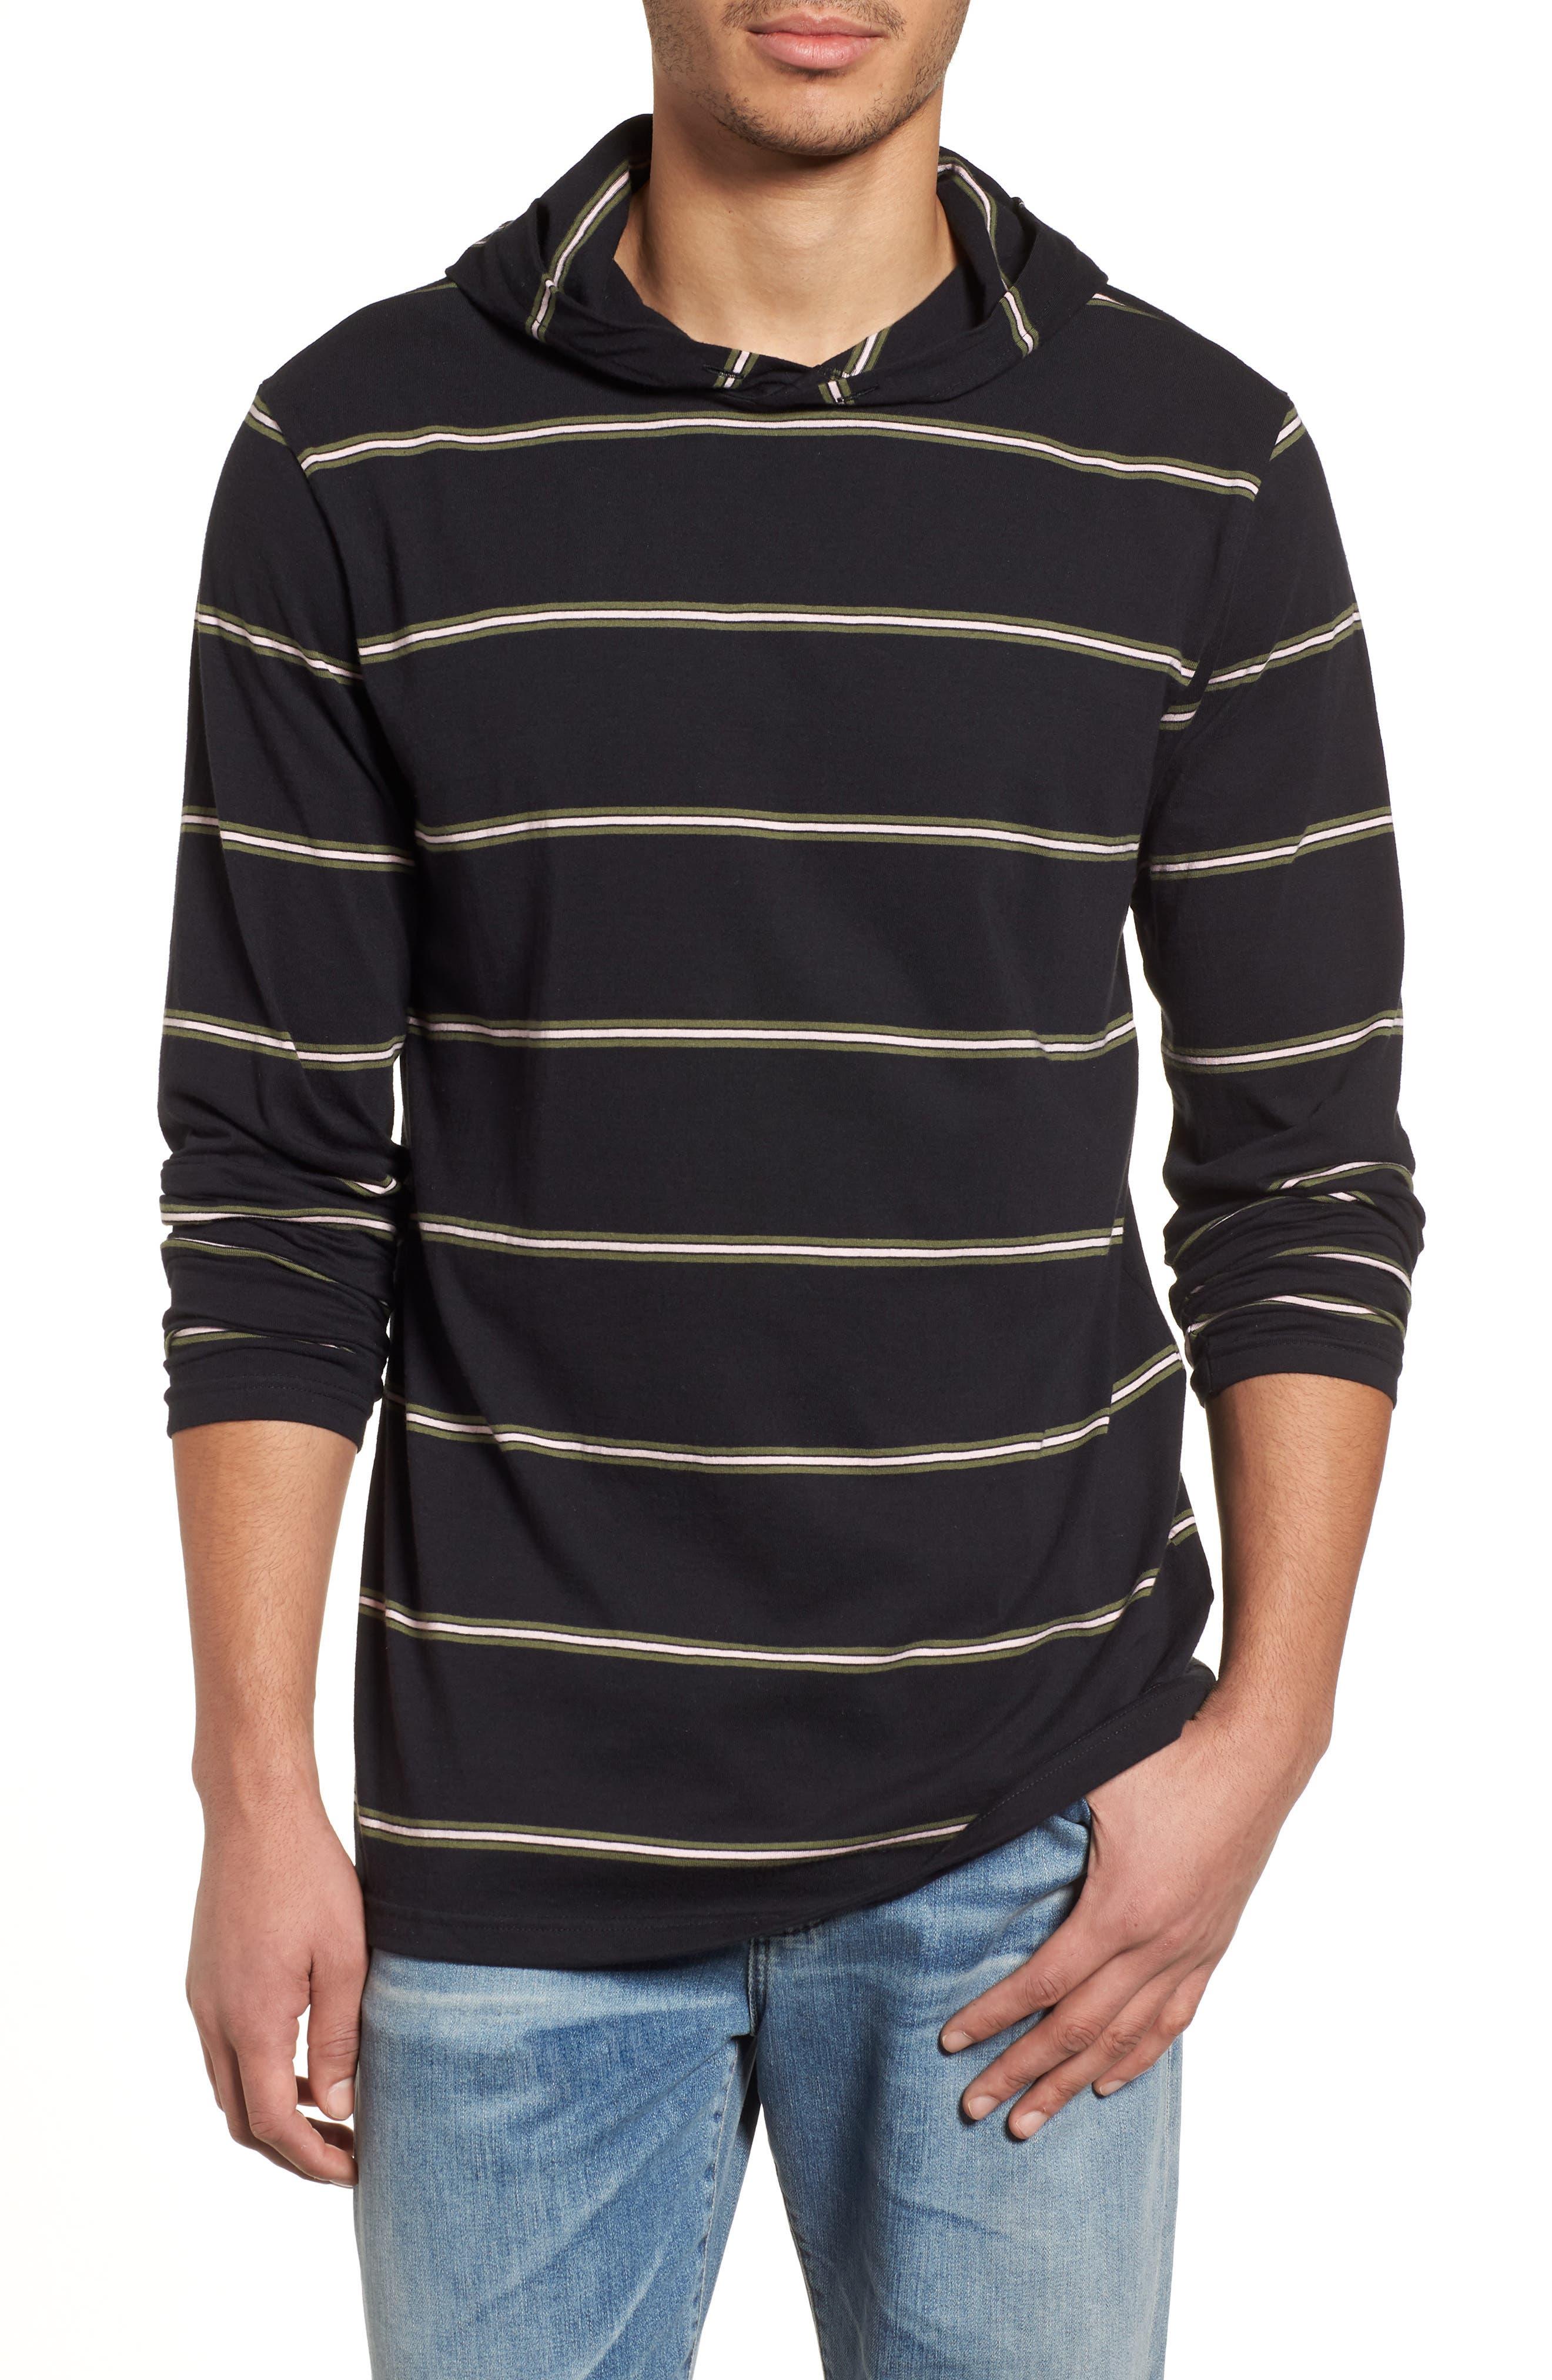 Alternate Image 1 Selected - Billabong Die Cut Hooded Long Sleeve T-Shirt